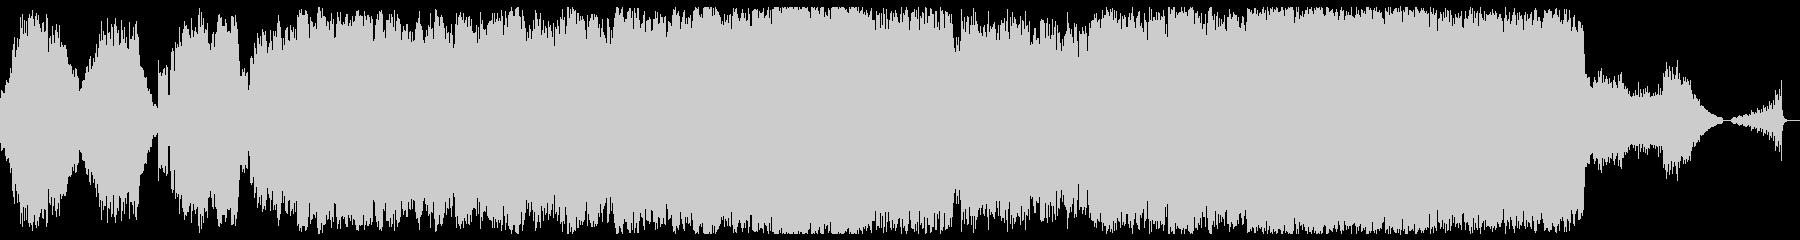 悲しいメロディーのBGMの未再生の波形